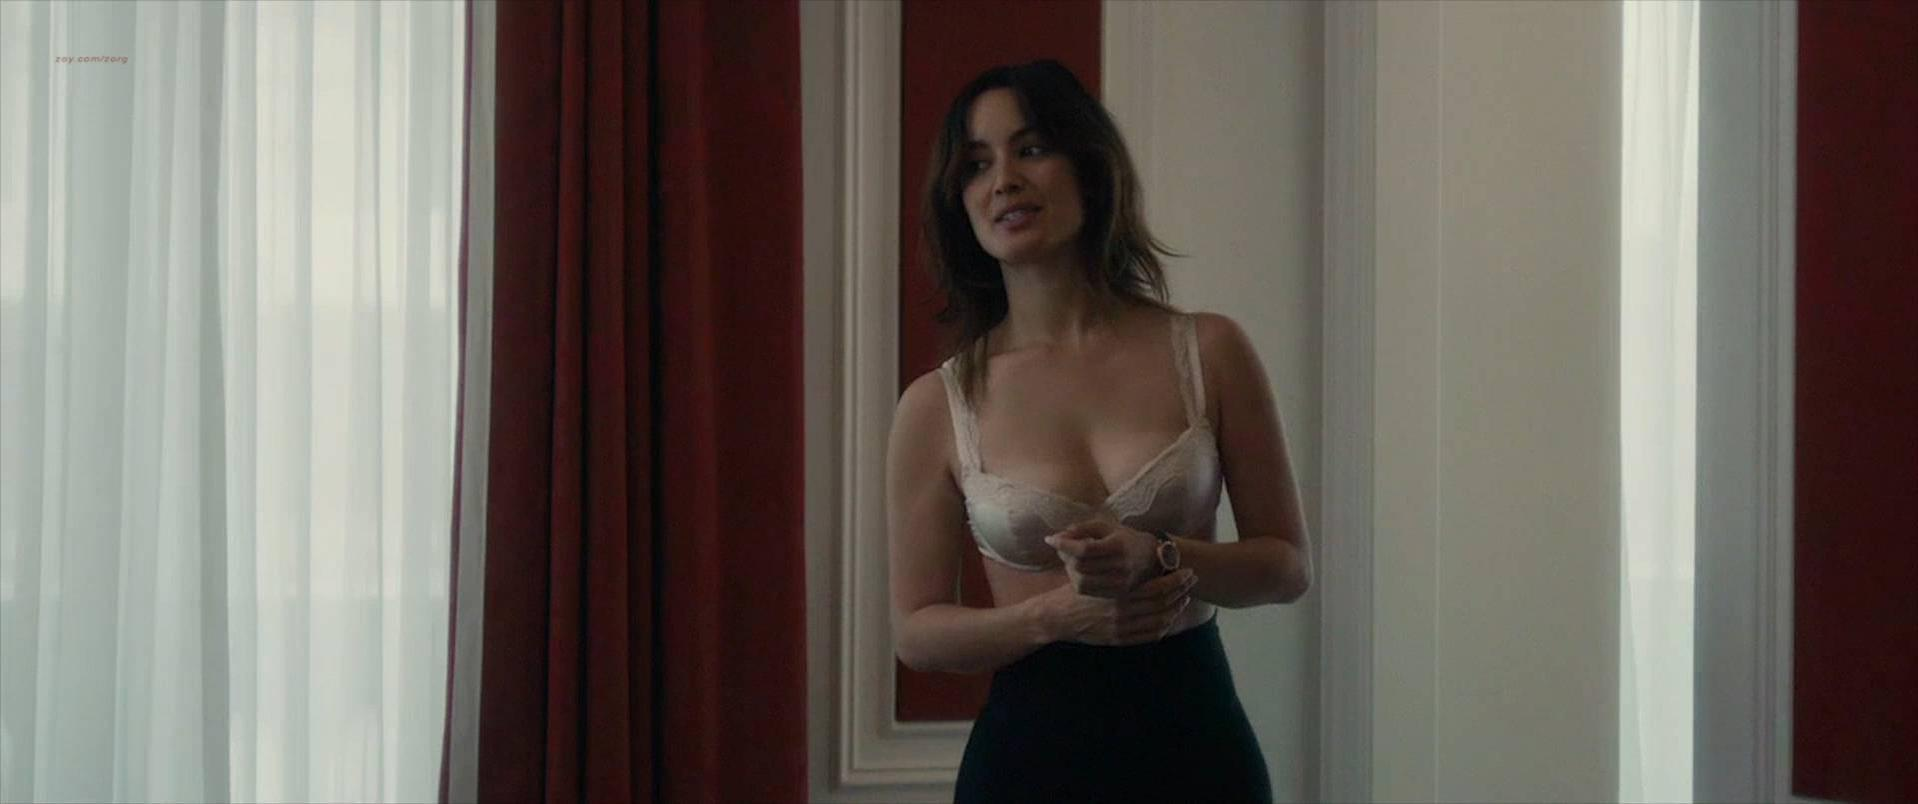 Berenice Marlohe sexy - 5 to 7 (2014)